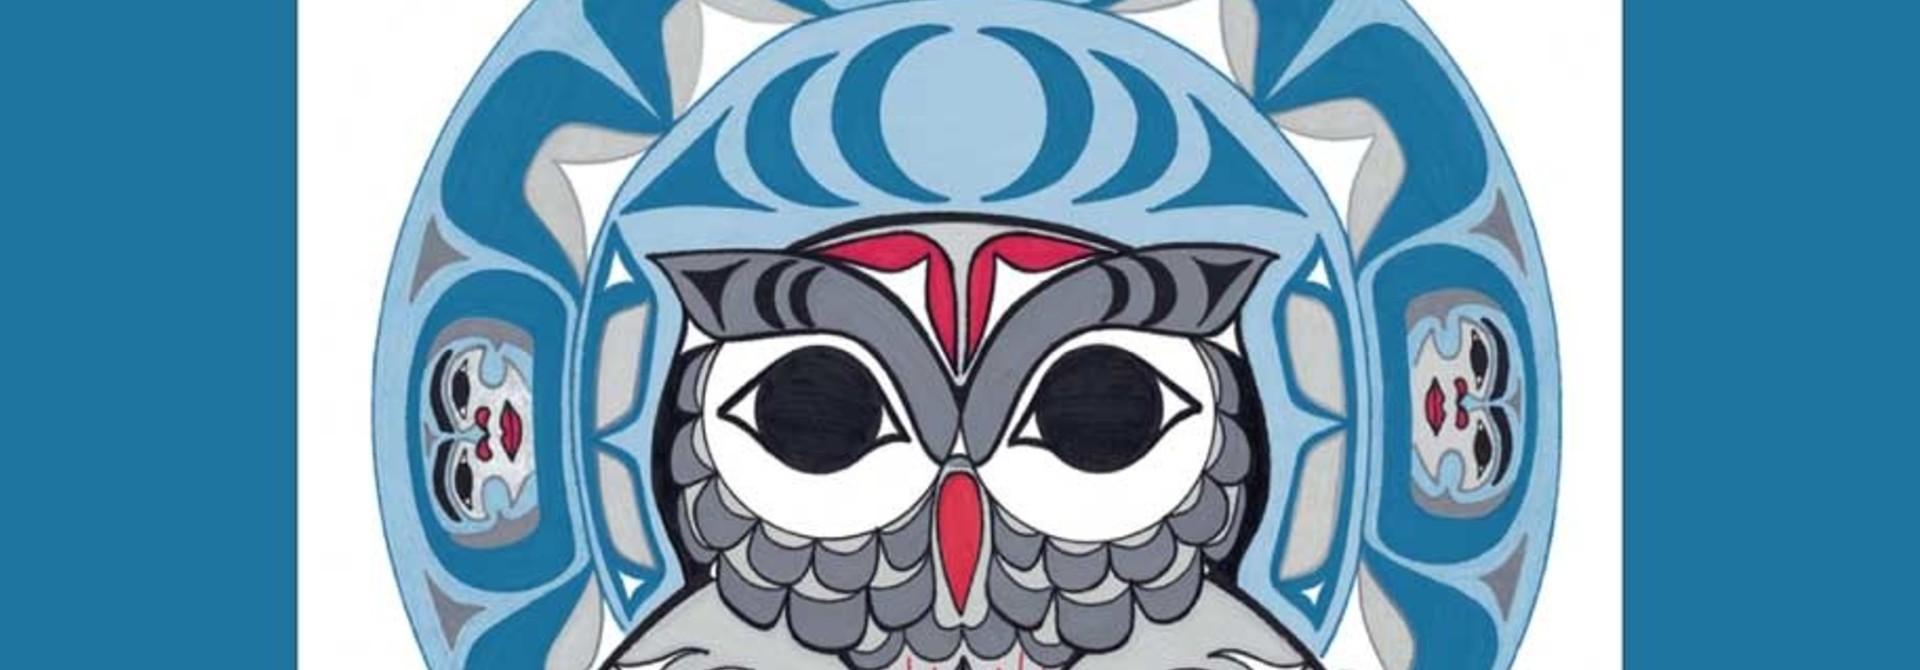 Puzzle_ Owl-Angela Kimble